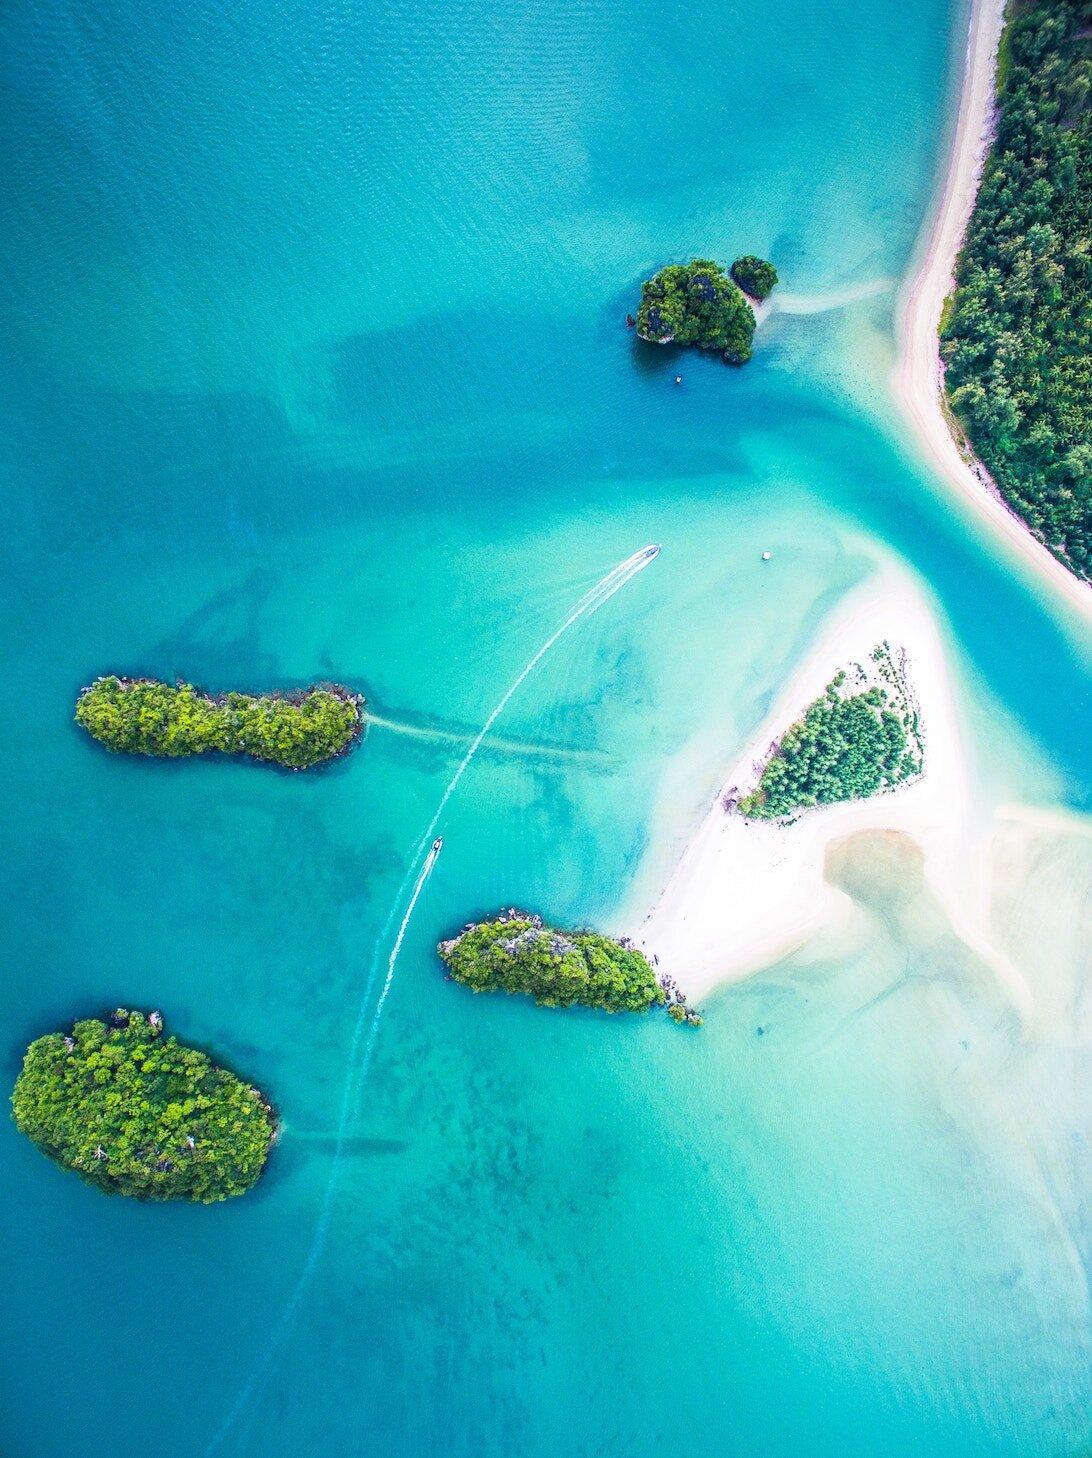 Tropical tourism island